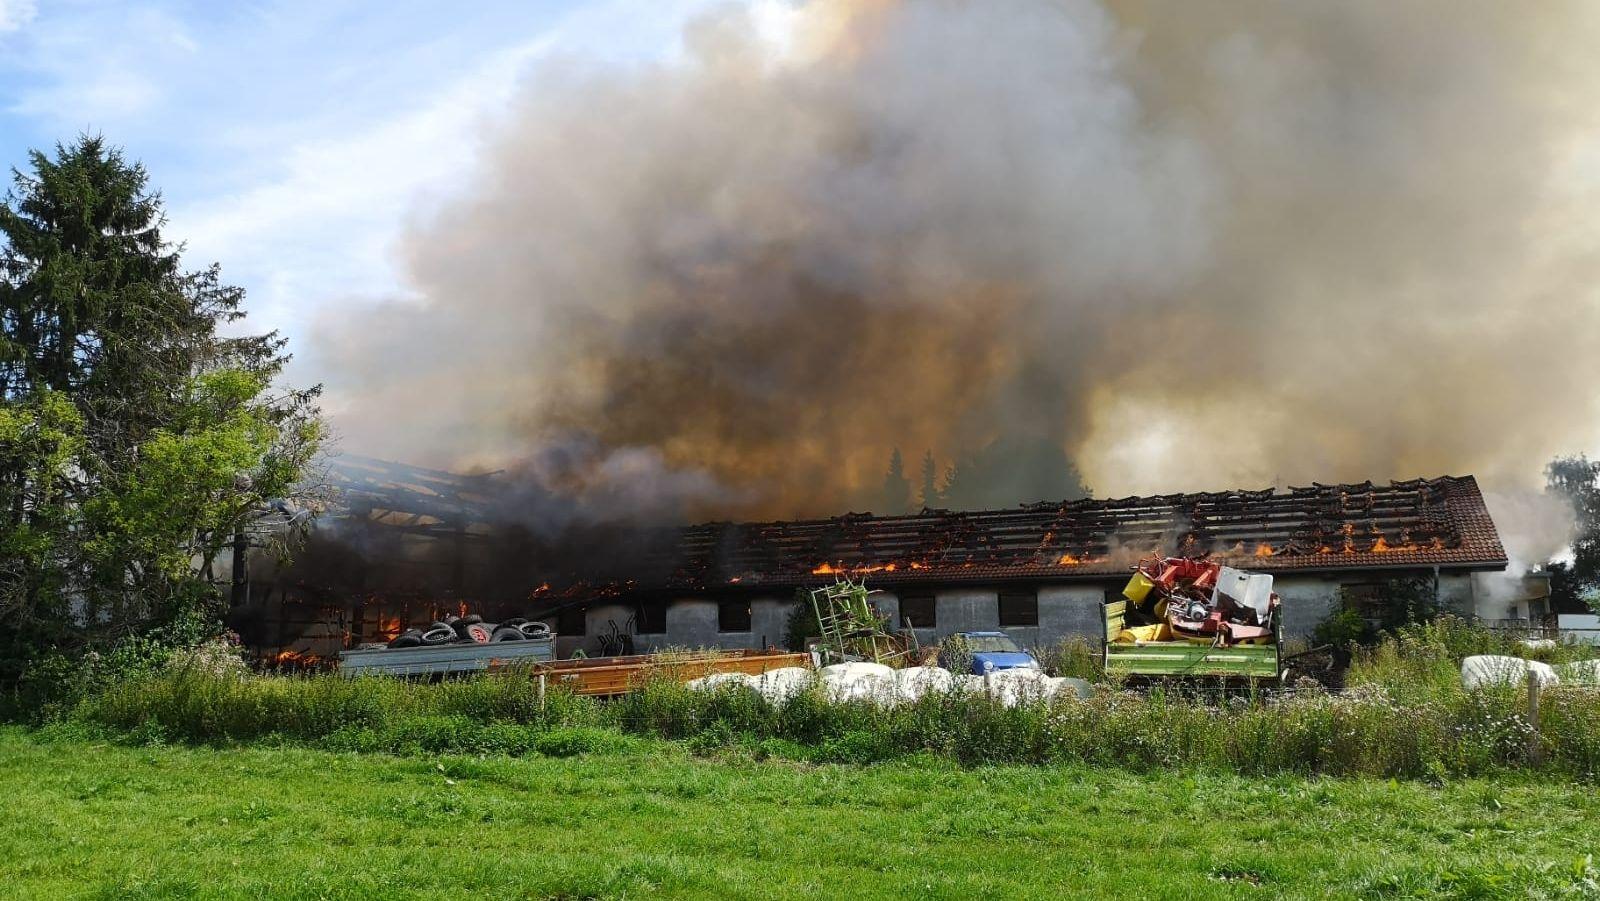 Im Dietmannsrieder Ortsteil Probstried im Landkreis Oberallgäu brennen ein Heulager und das benachbarte Stallgebäude.